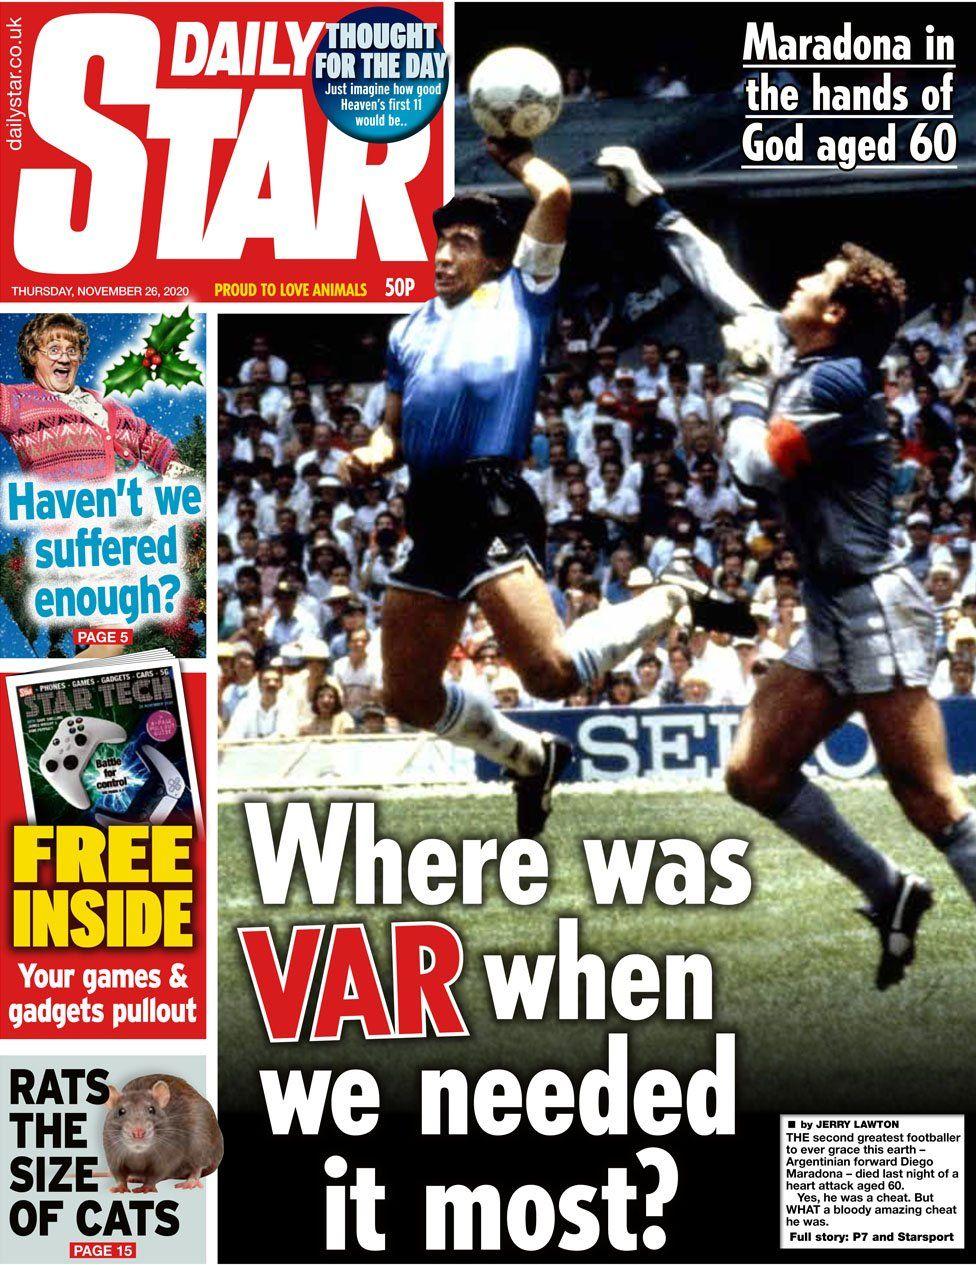 İngiliz basınından Maradona için 'Hilekar' başlığı!